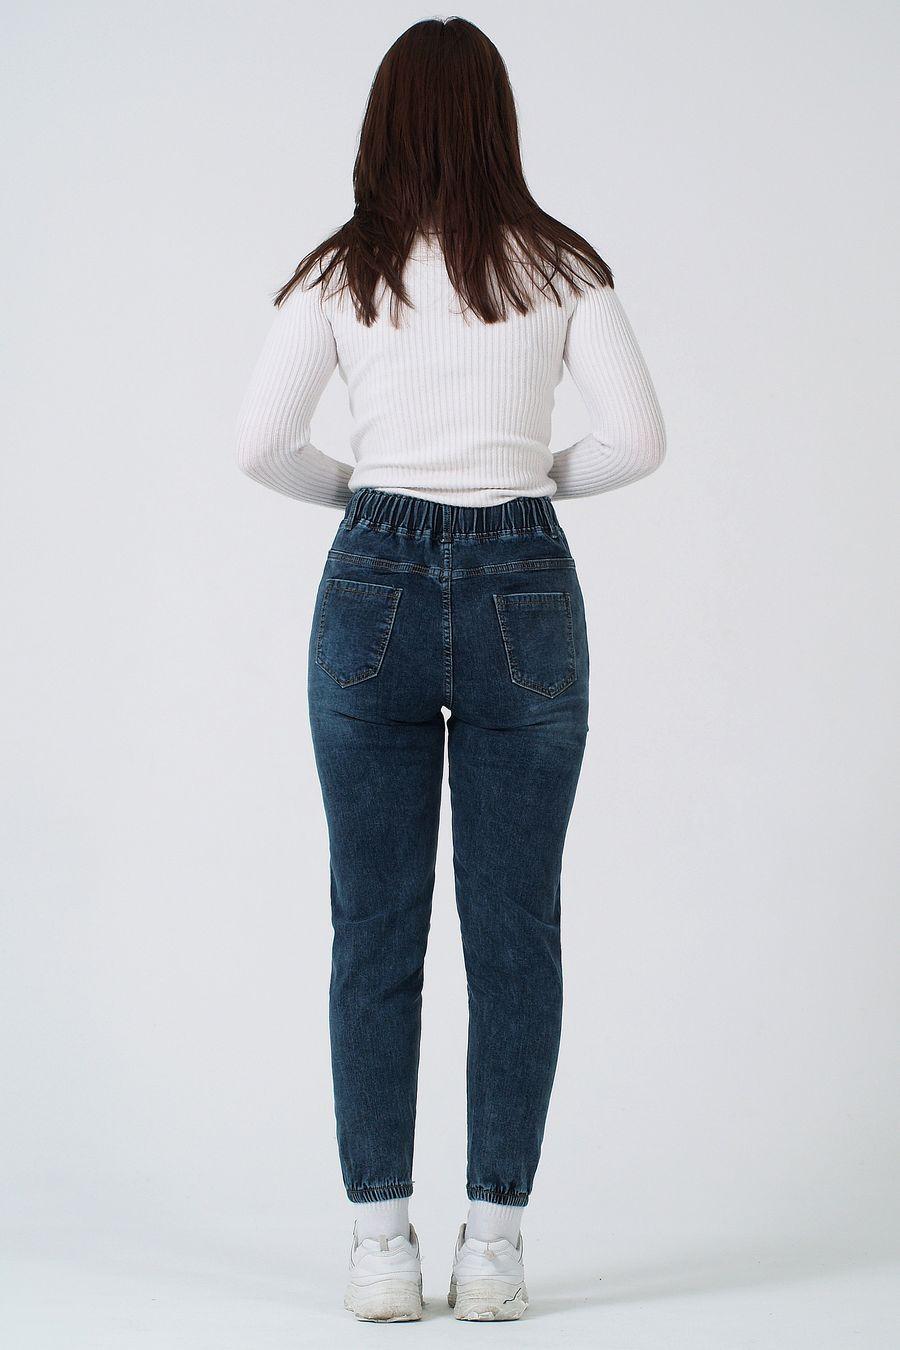 Джинсы женские K.Y Jeans 097 - фото 3